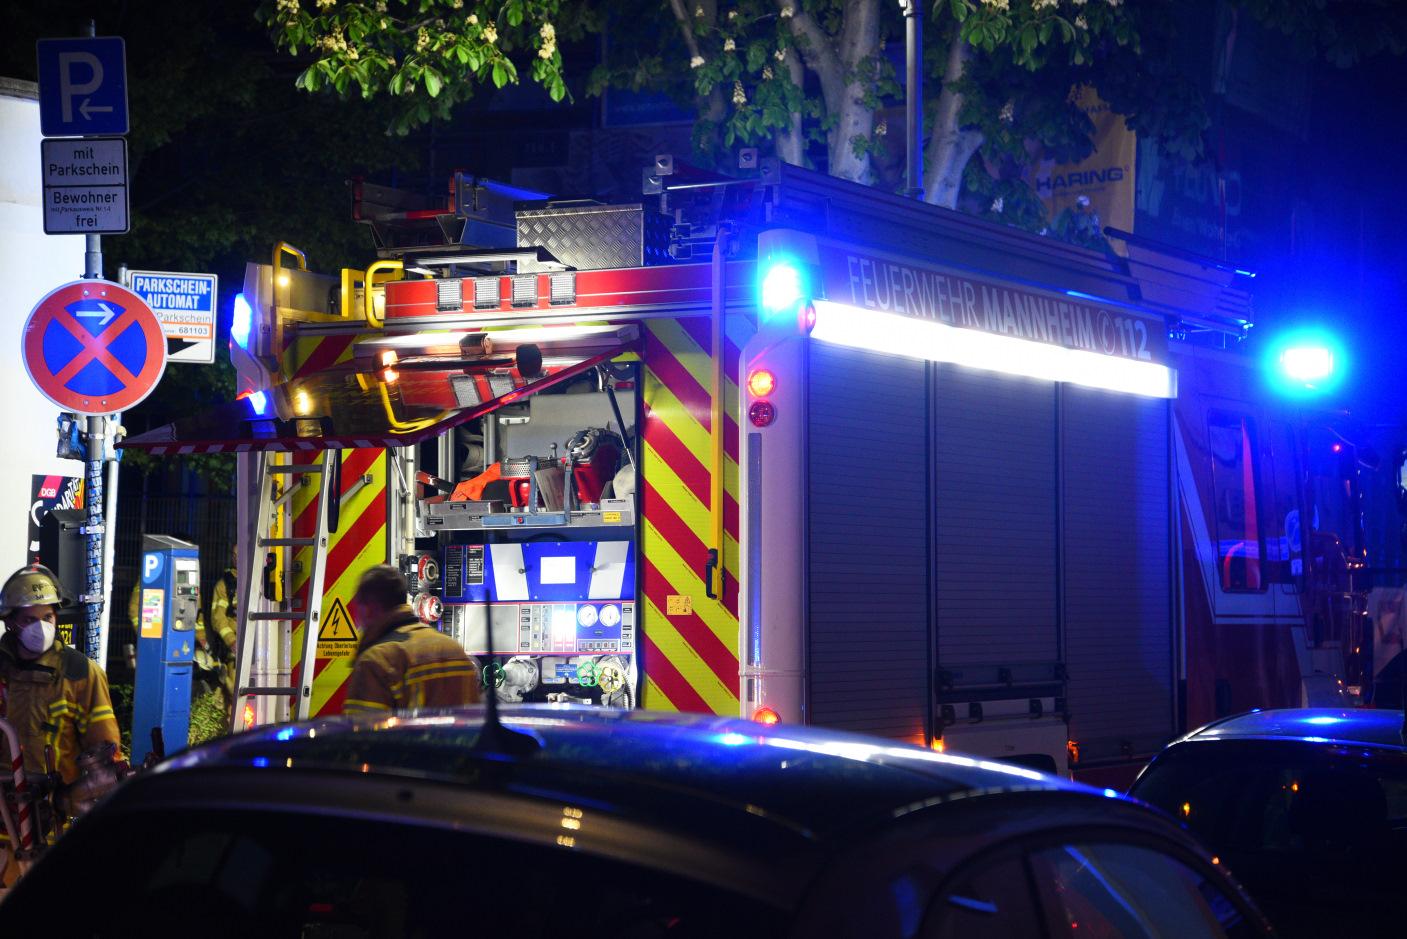 Mannheim: Brand in Mehrparteienhaus, 2 Beamte leicht verletzt